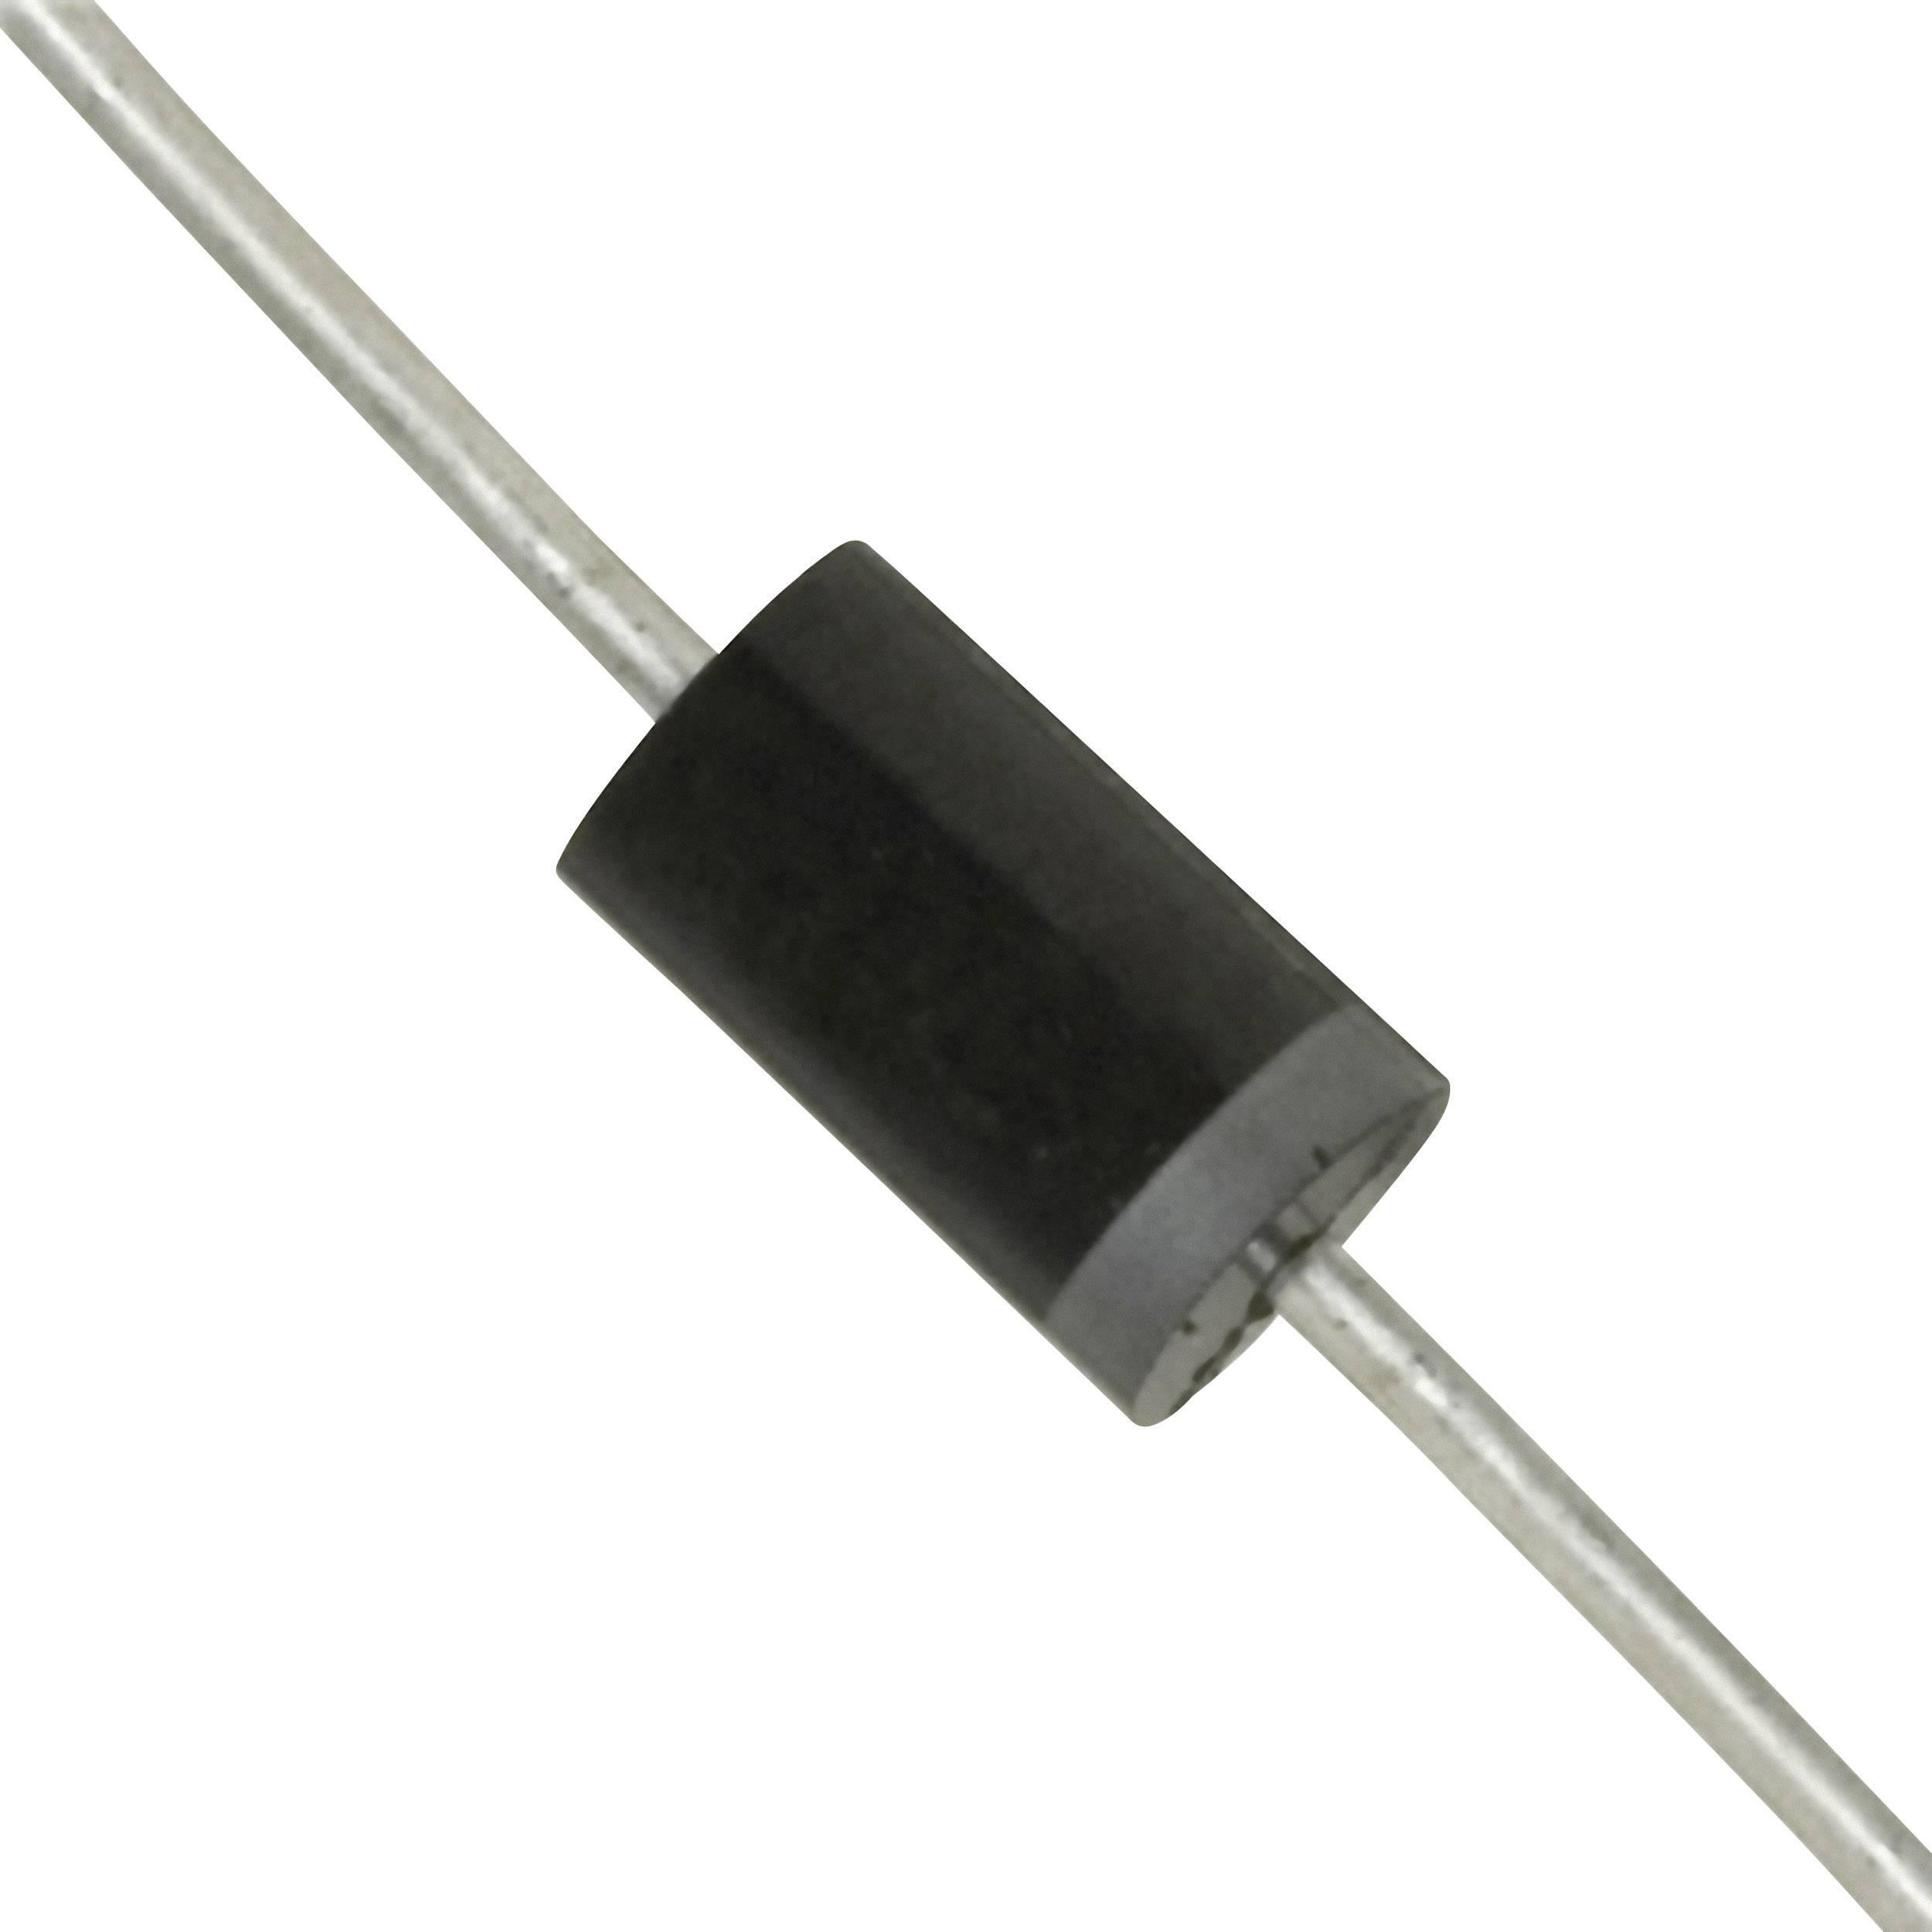 Zenerova dioda Diotec ZPD 4,3 V, 500 mW, DO 35 P